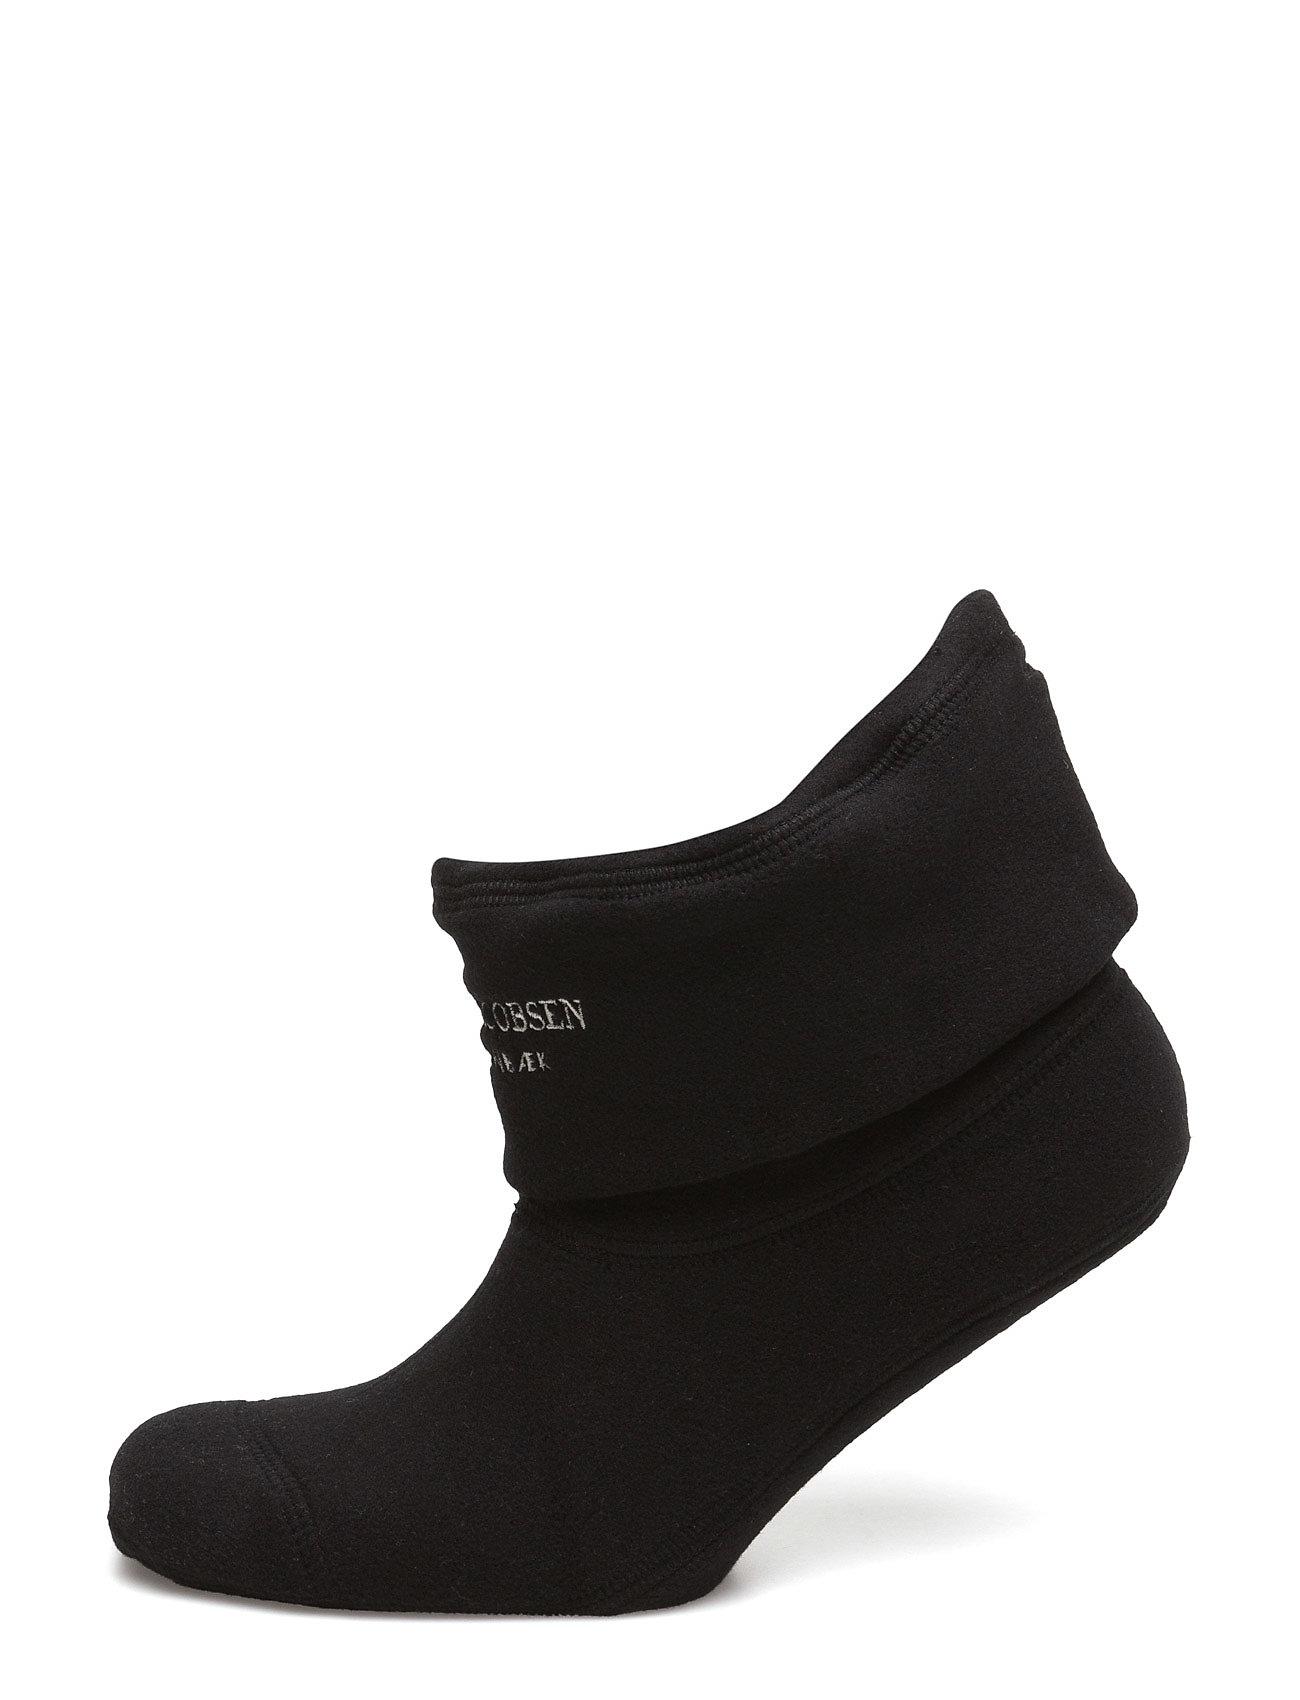 Ilse Jacobsen Fleece Sock - 001120 BLACK CREME